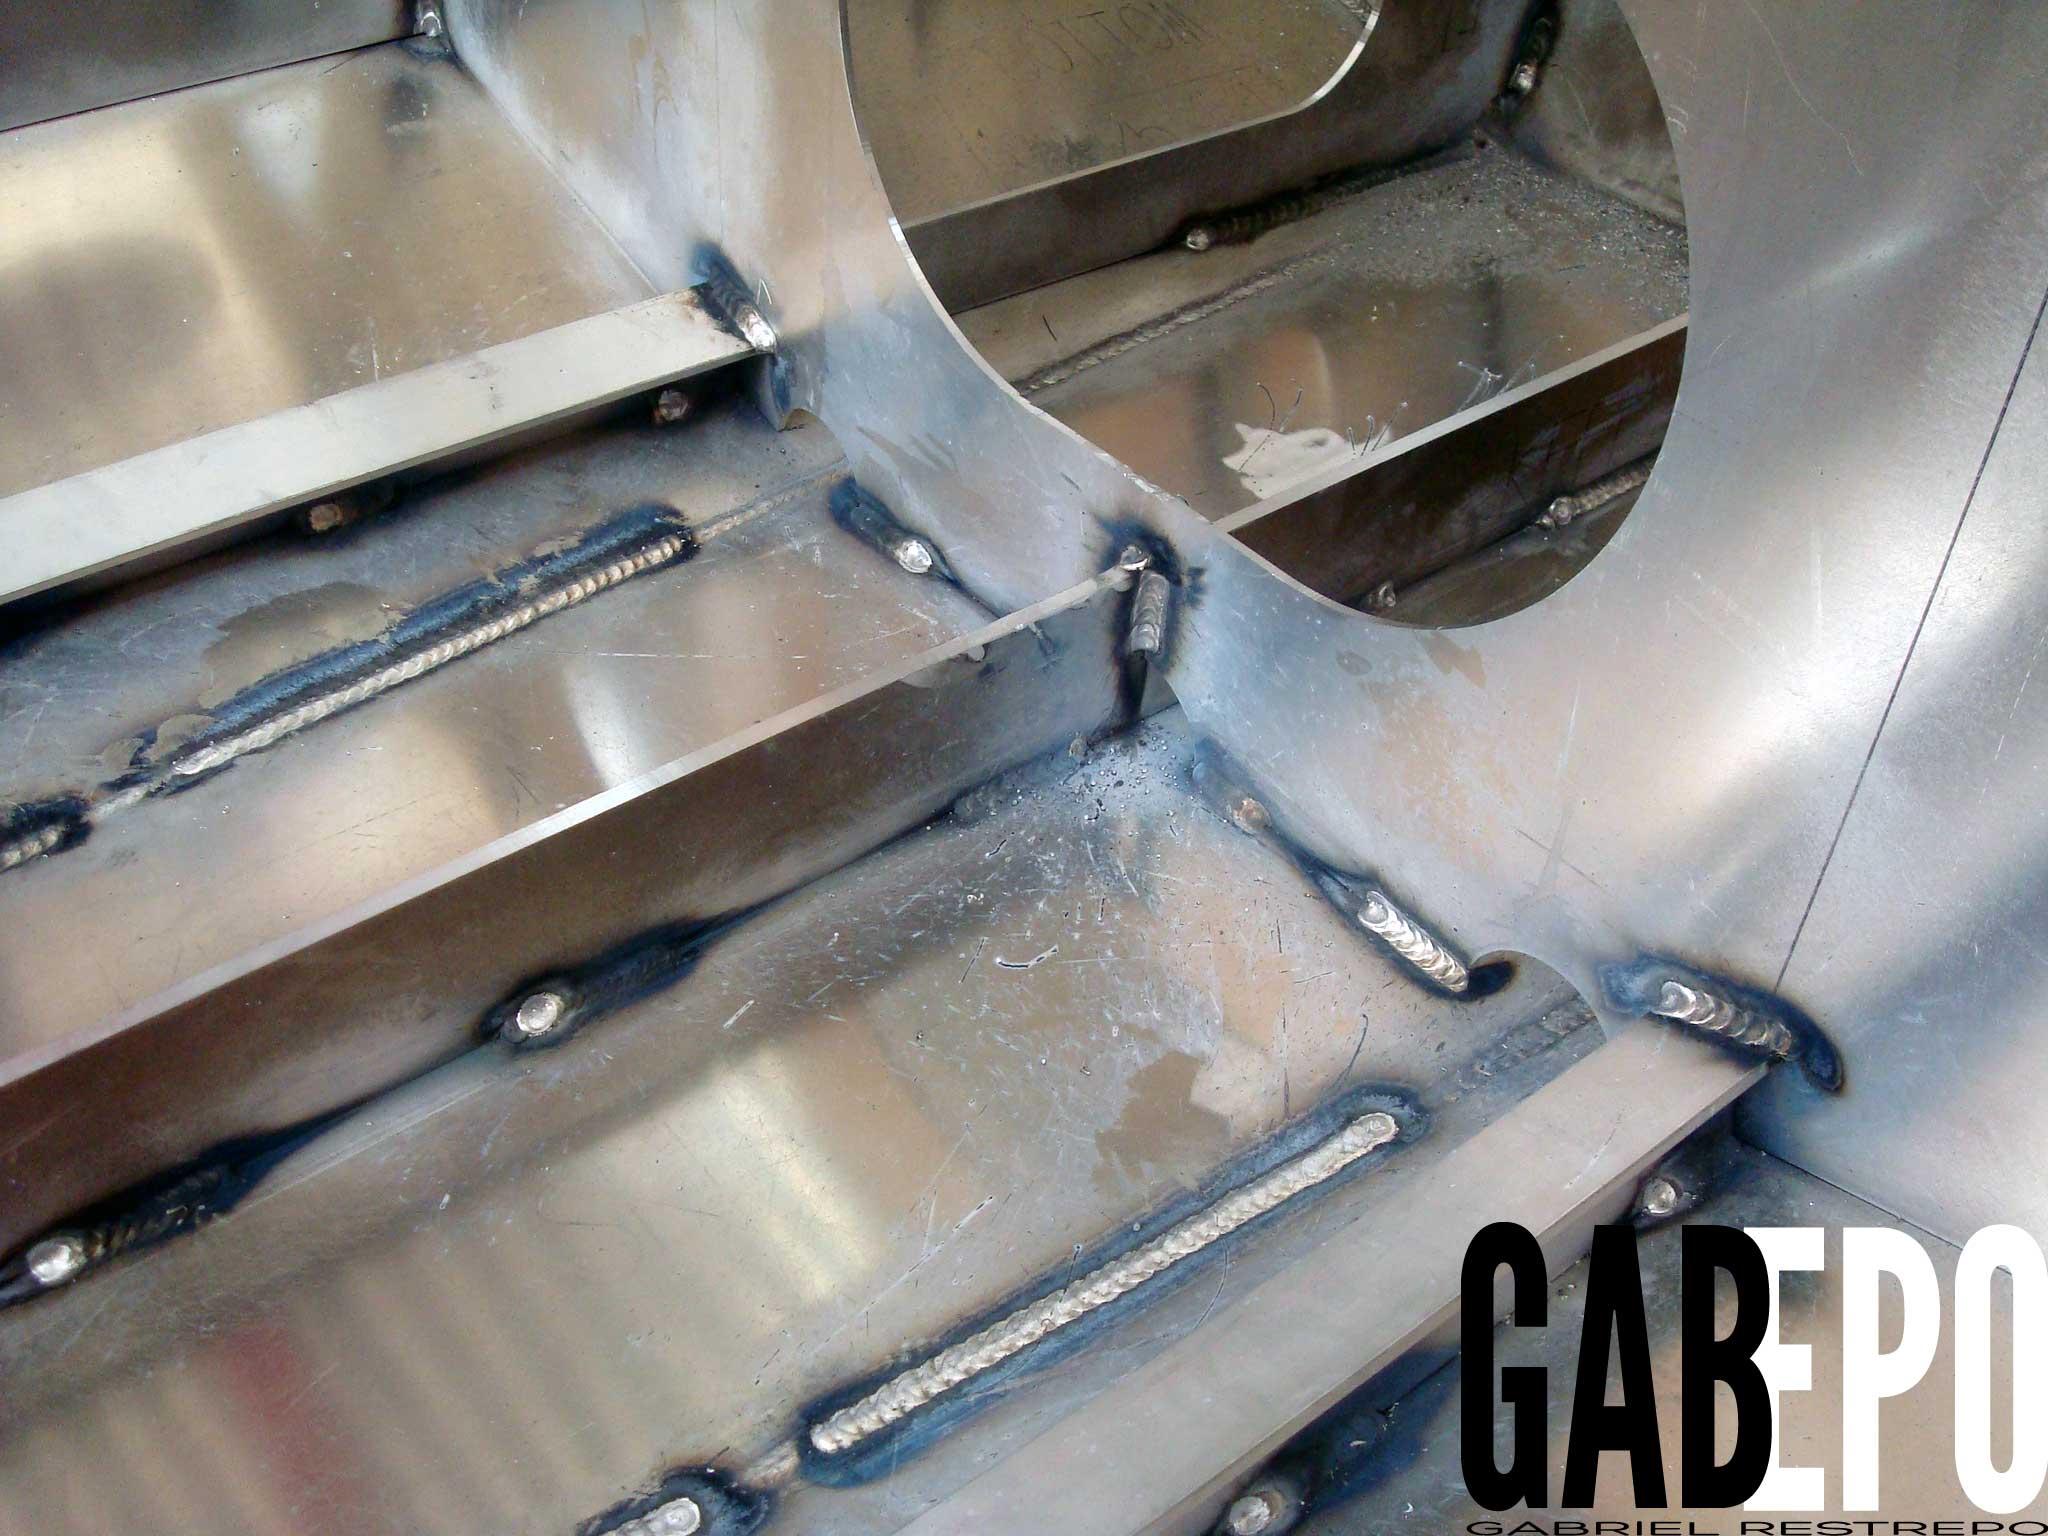 Nuestros productos son elaborados en aluminio, acero al carbono e inoxidable.